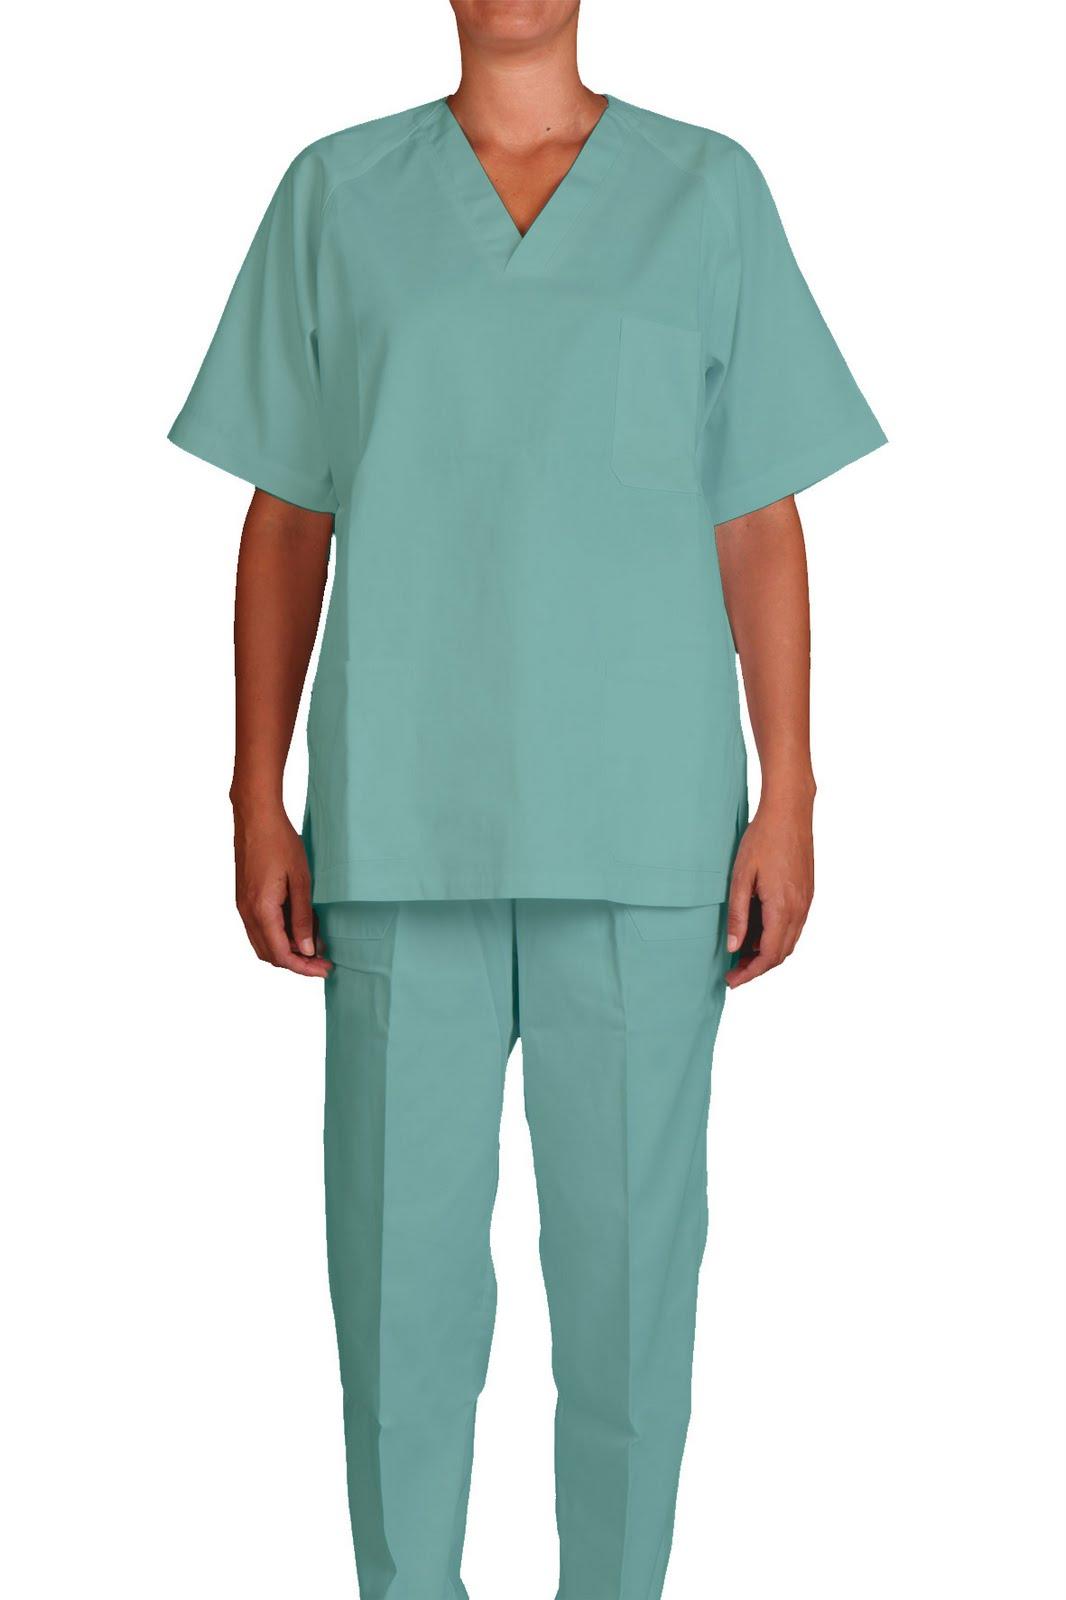 Pijamas sanitarios varios colores rtl pijama02 viana - Sanitarios de colores ...